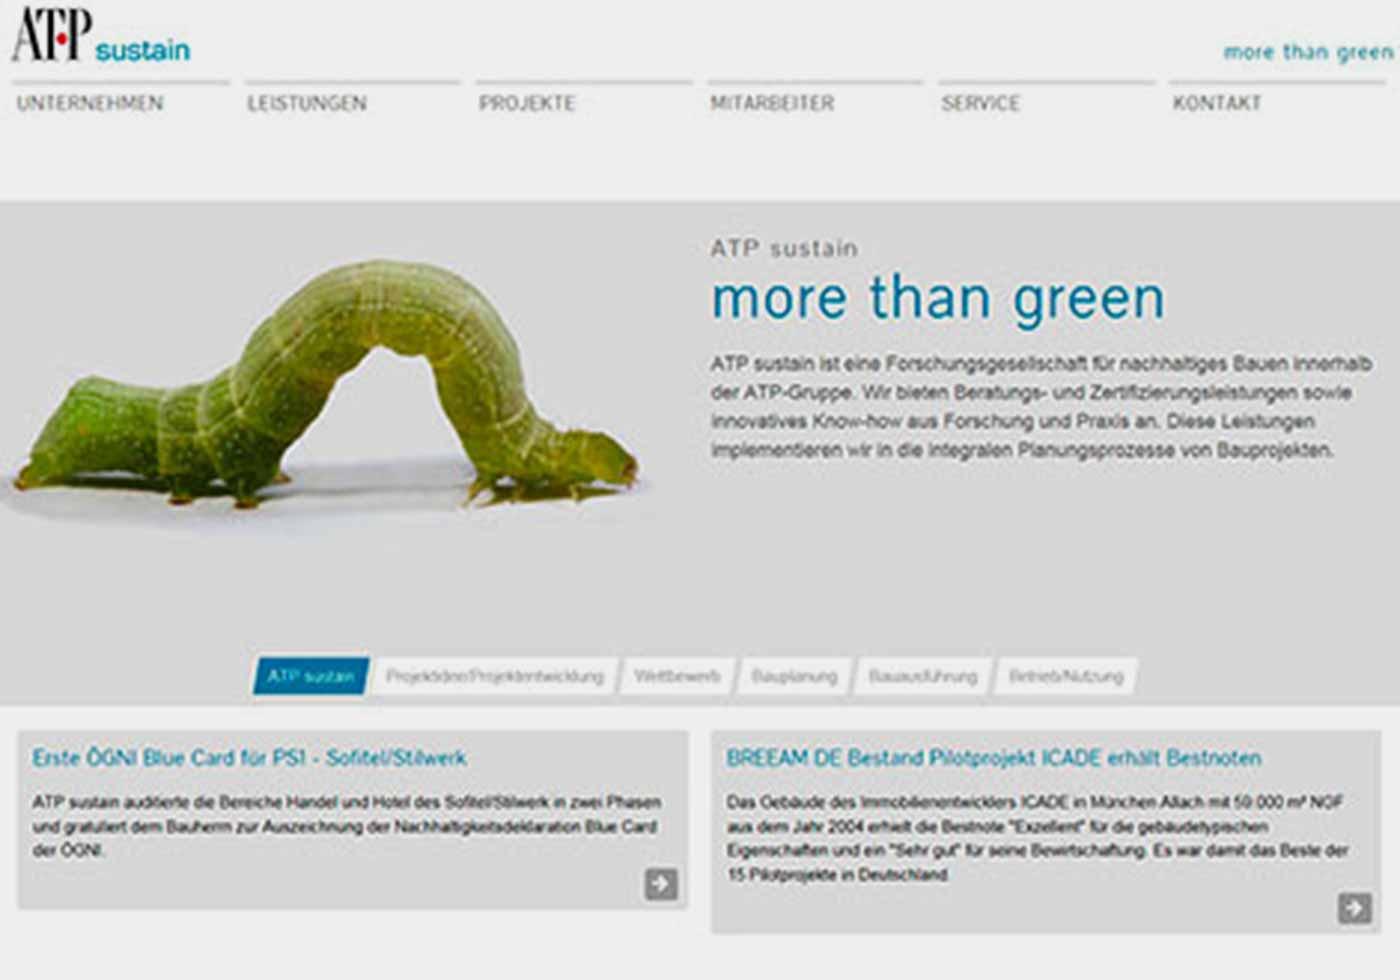 ATP sustain online